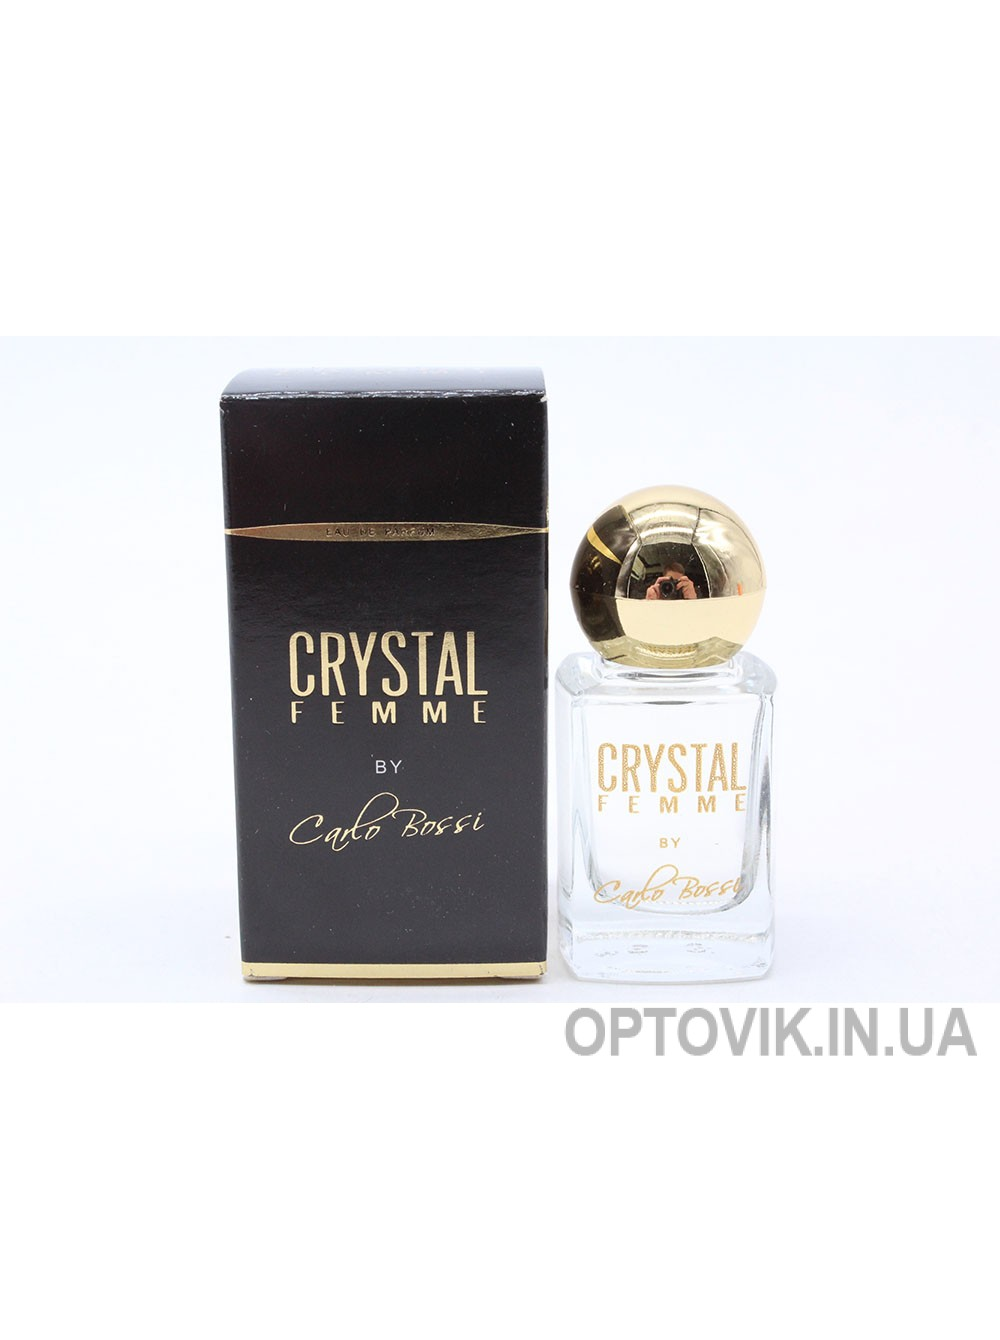 Женский парфюм тестер: CB-127089 10мл